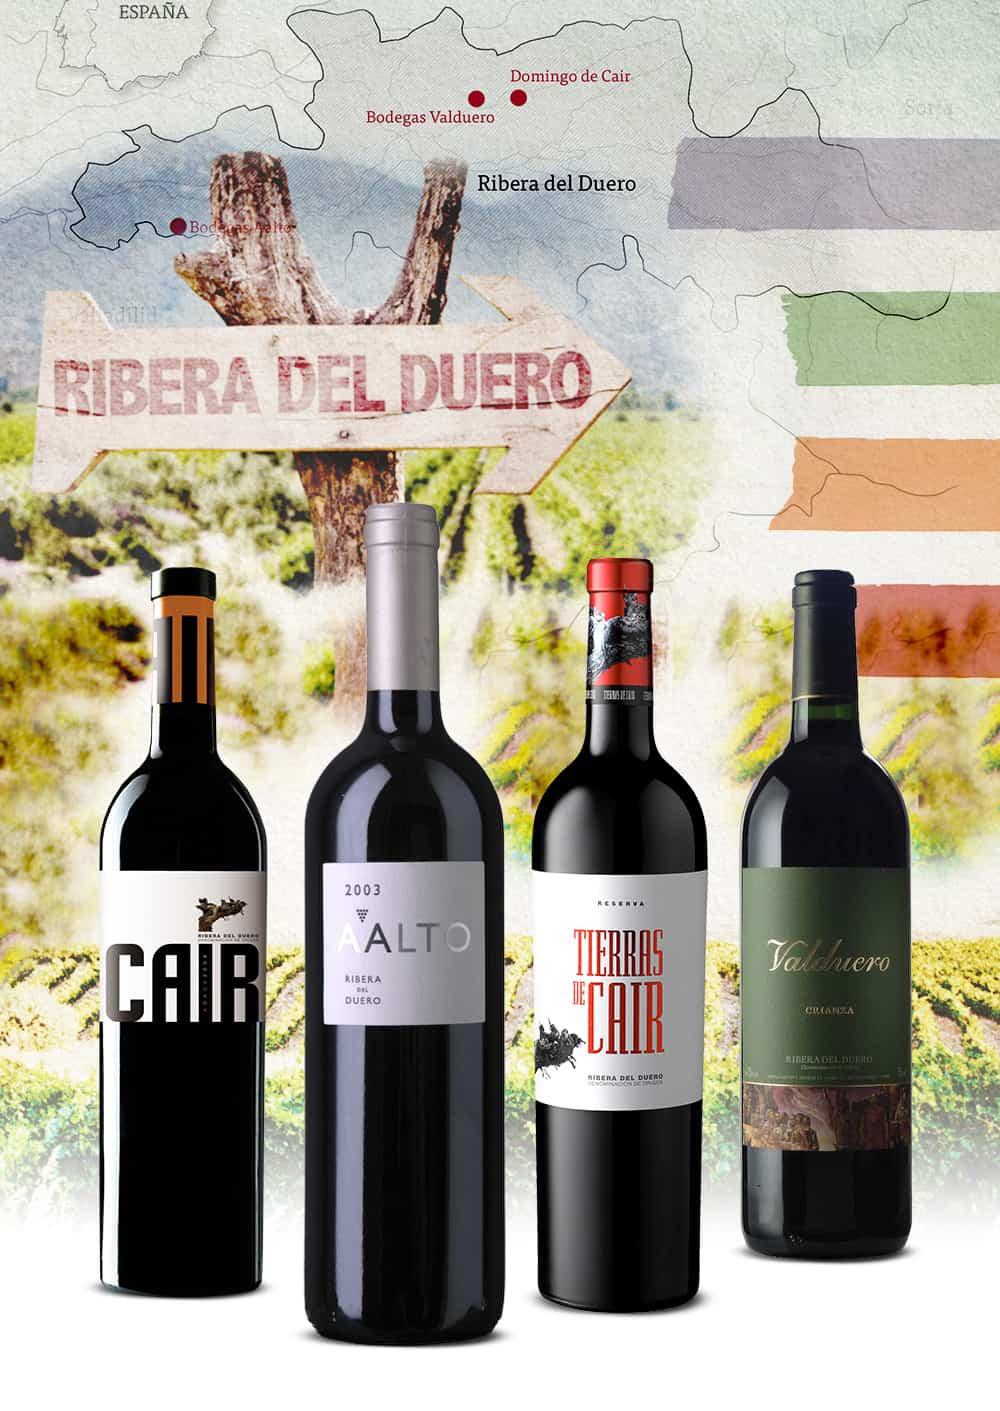 Die wohl angesagte Weinregion Spaniens